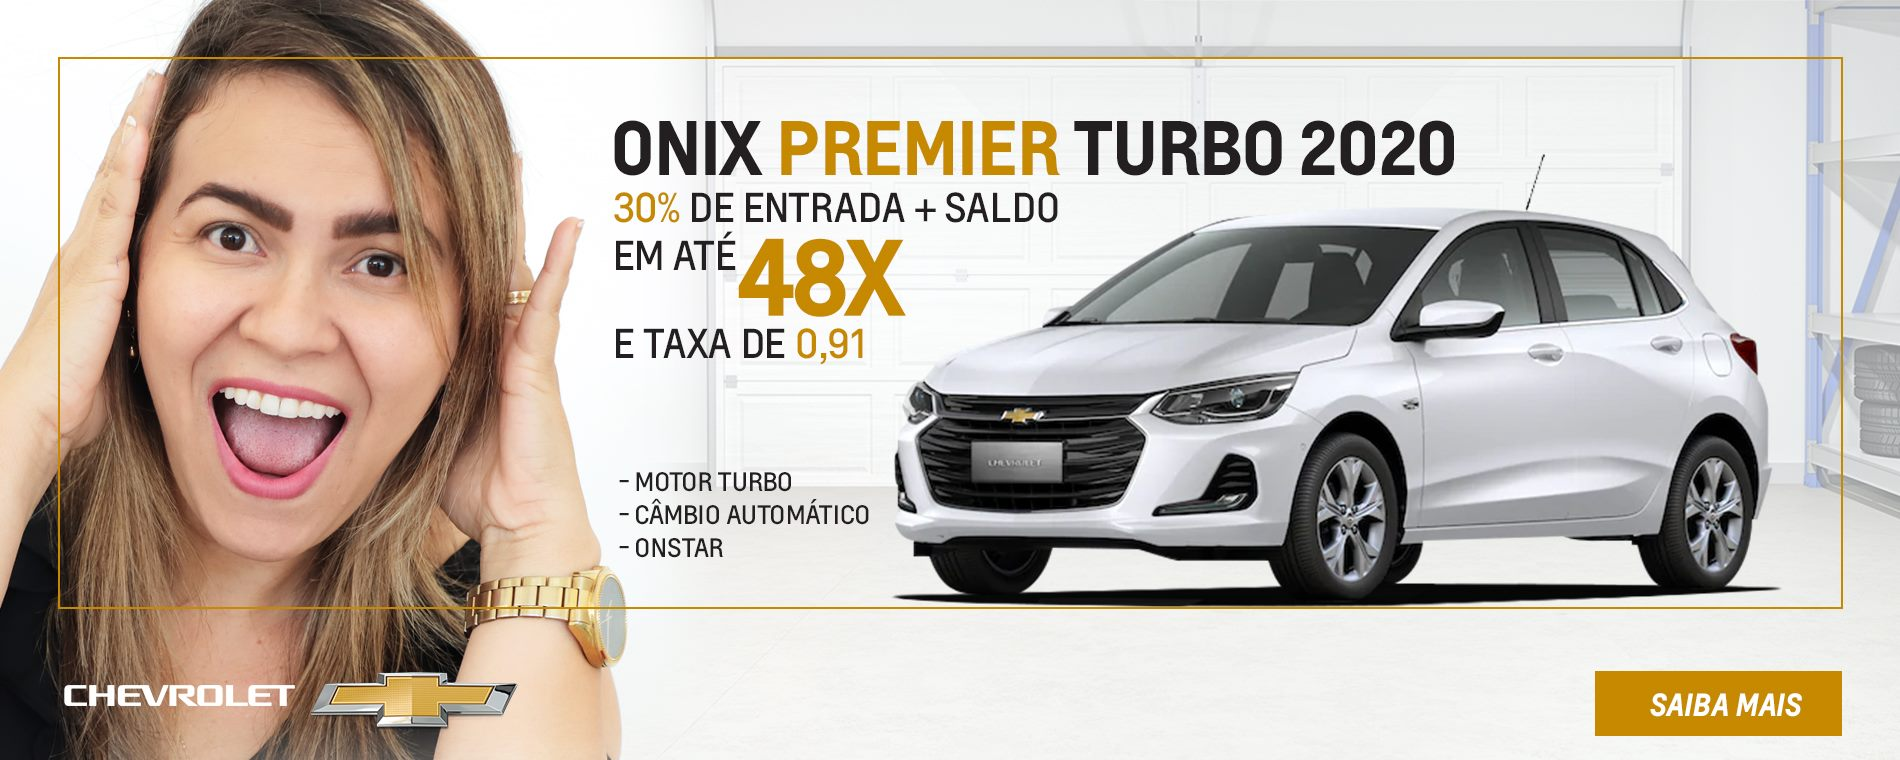 220_Mangabeiras-M80_Onix-Premier-Turbo-2020_DestaqueDesk